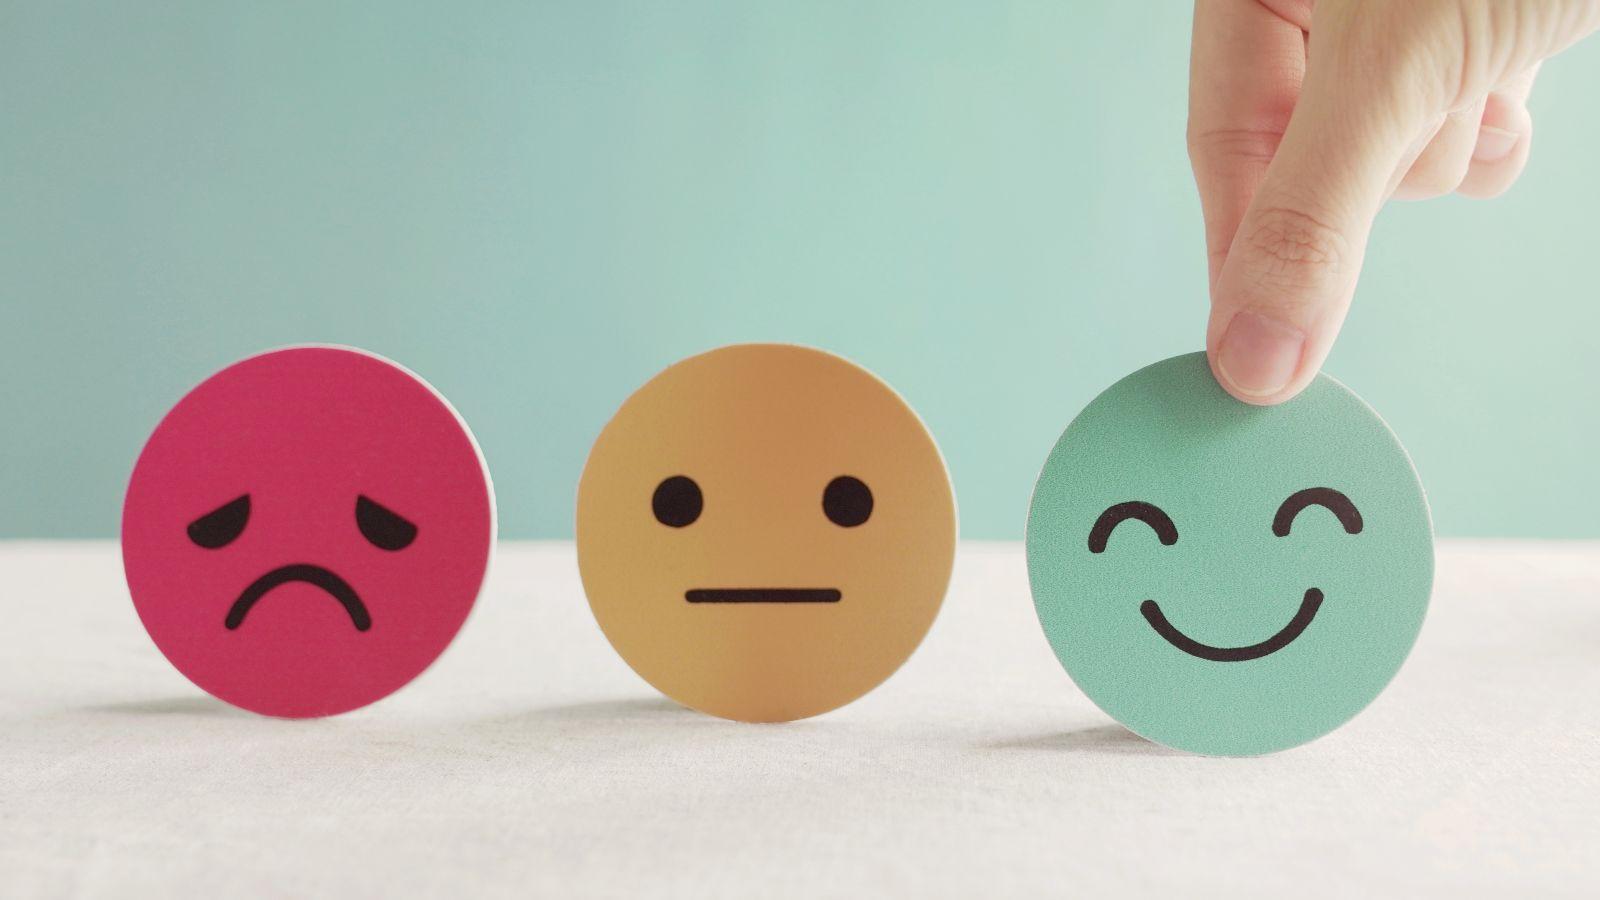 Drei plastische Smileys nebeneinander, von einem roten traurigen über ein neutrales gelbes bis hin zu einem grünen vergnügten, das von einer Hand gehalten wird.